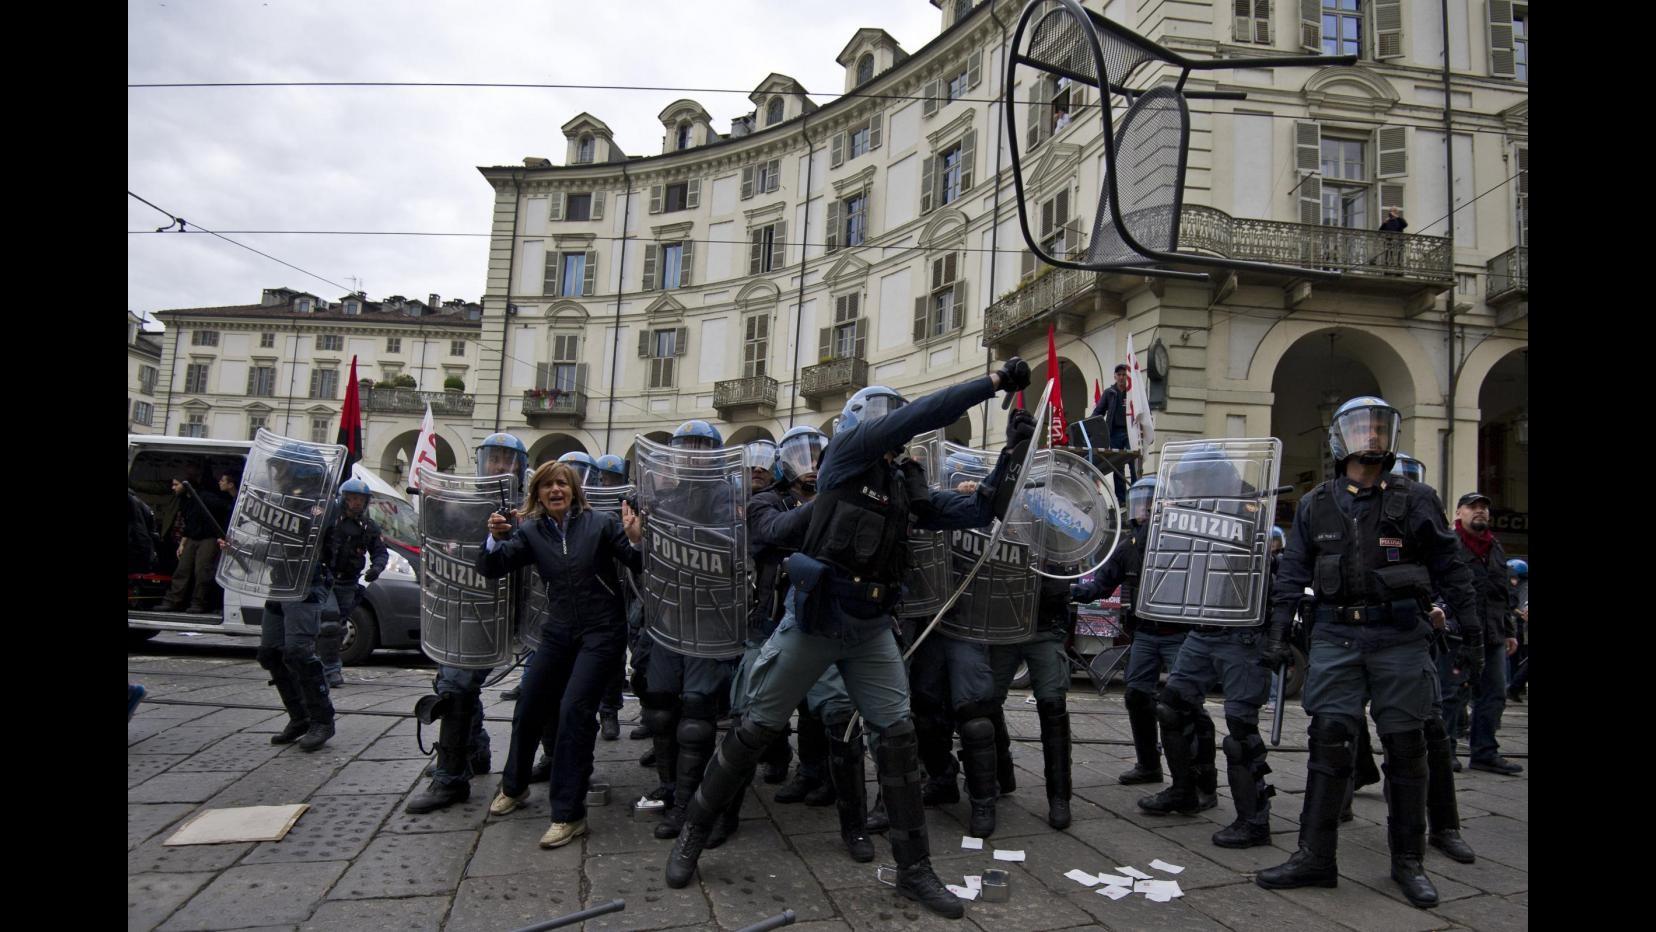 Primo maggio, scontri  fra antagonisti e polizia a Torino: 3 fermati e decine di feriti